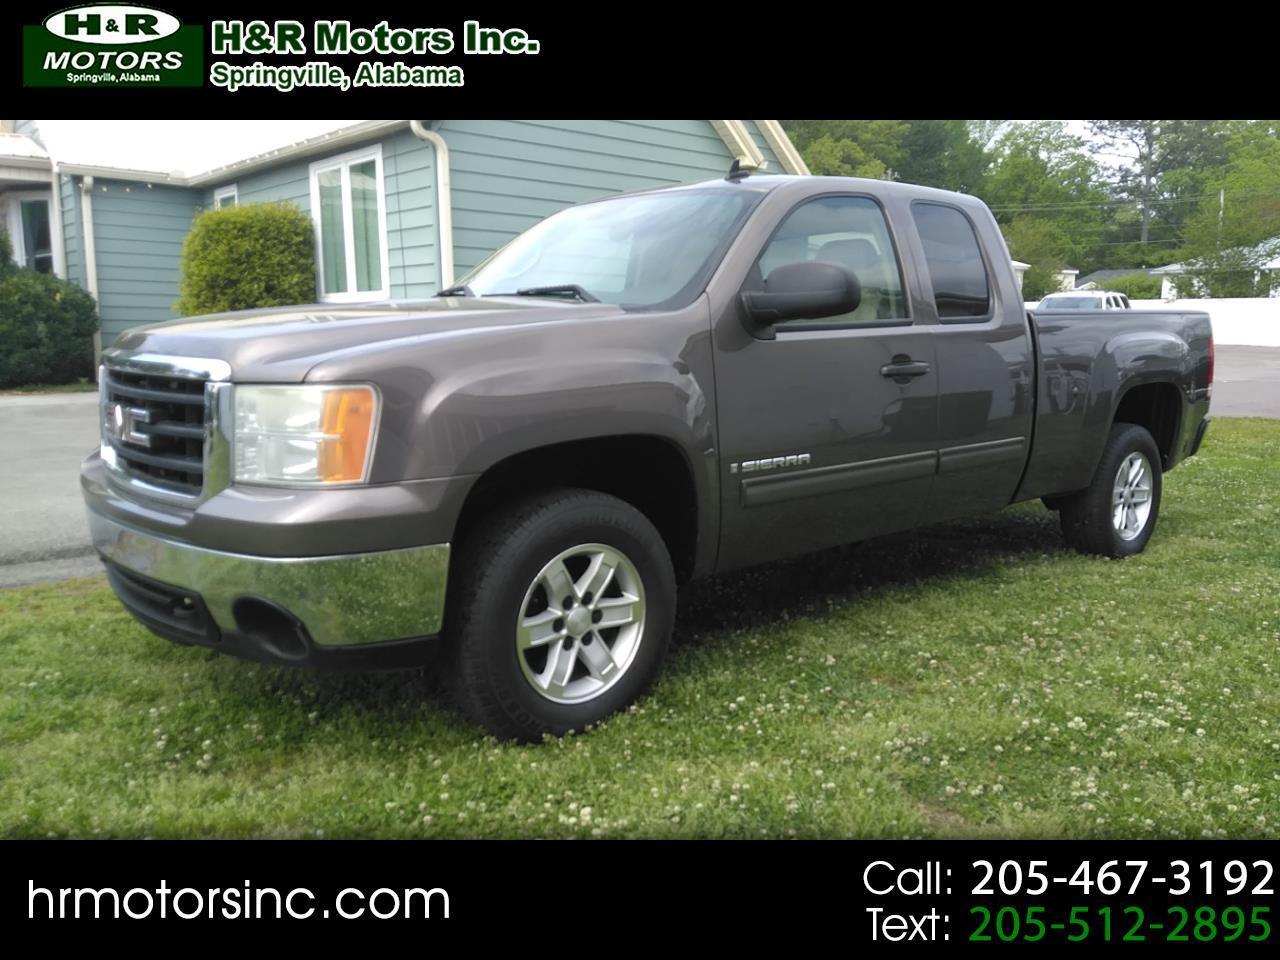 2007 GMC Sierra 1500 1500